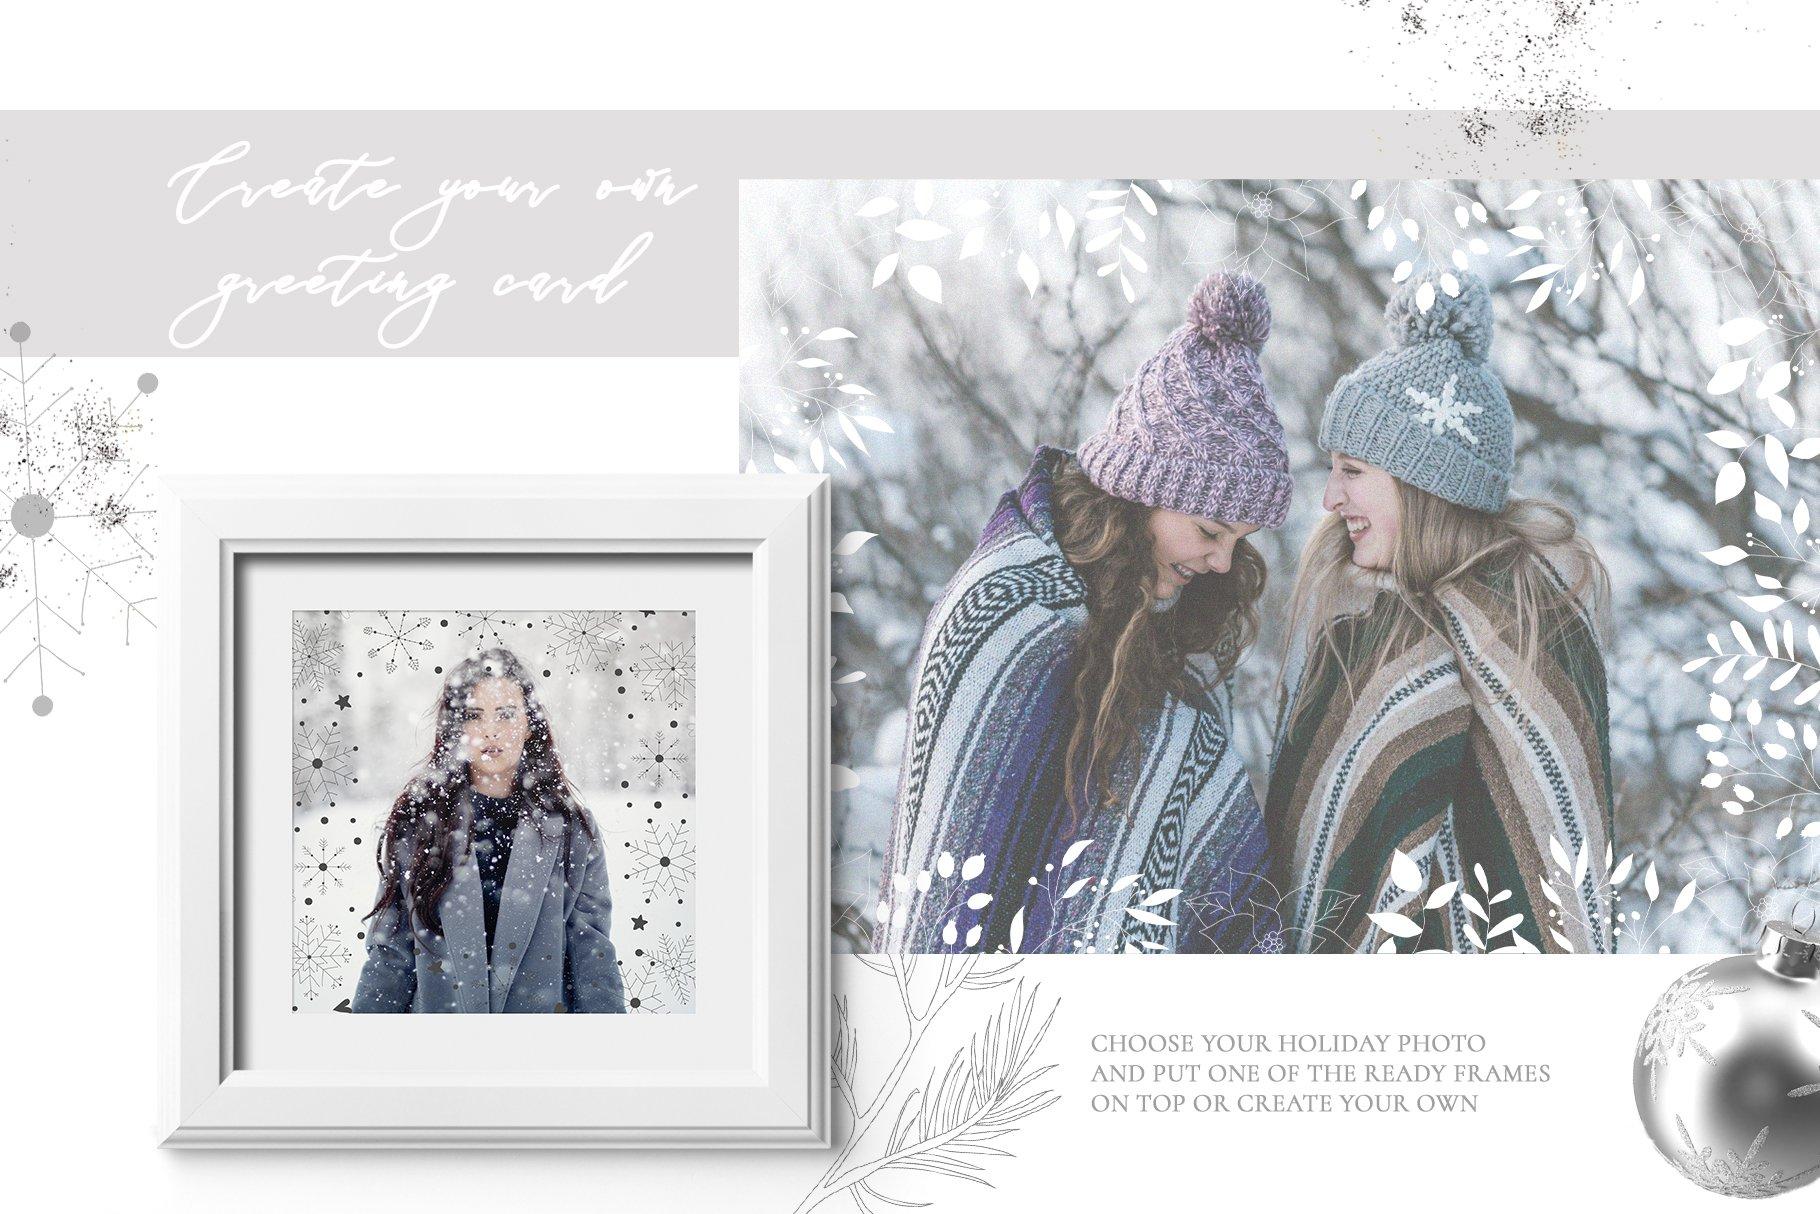 圣诞节主题手绘树叶画框矢量图形设计素材 Christmas Holiday Collection插图(1)